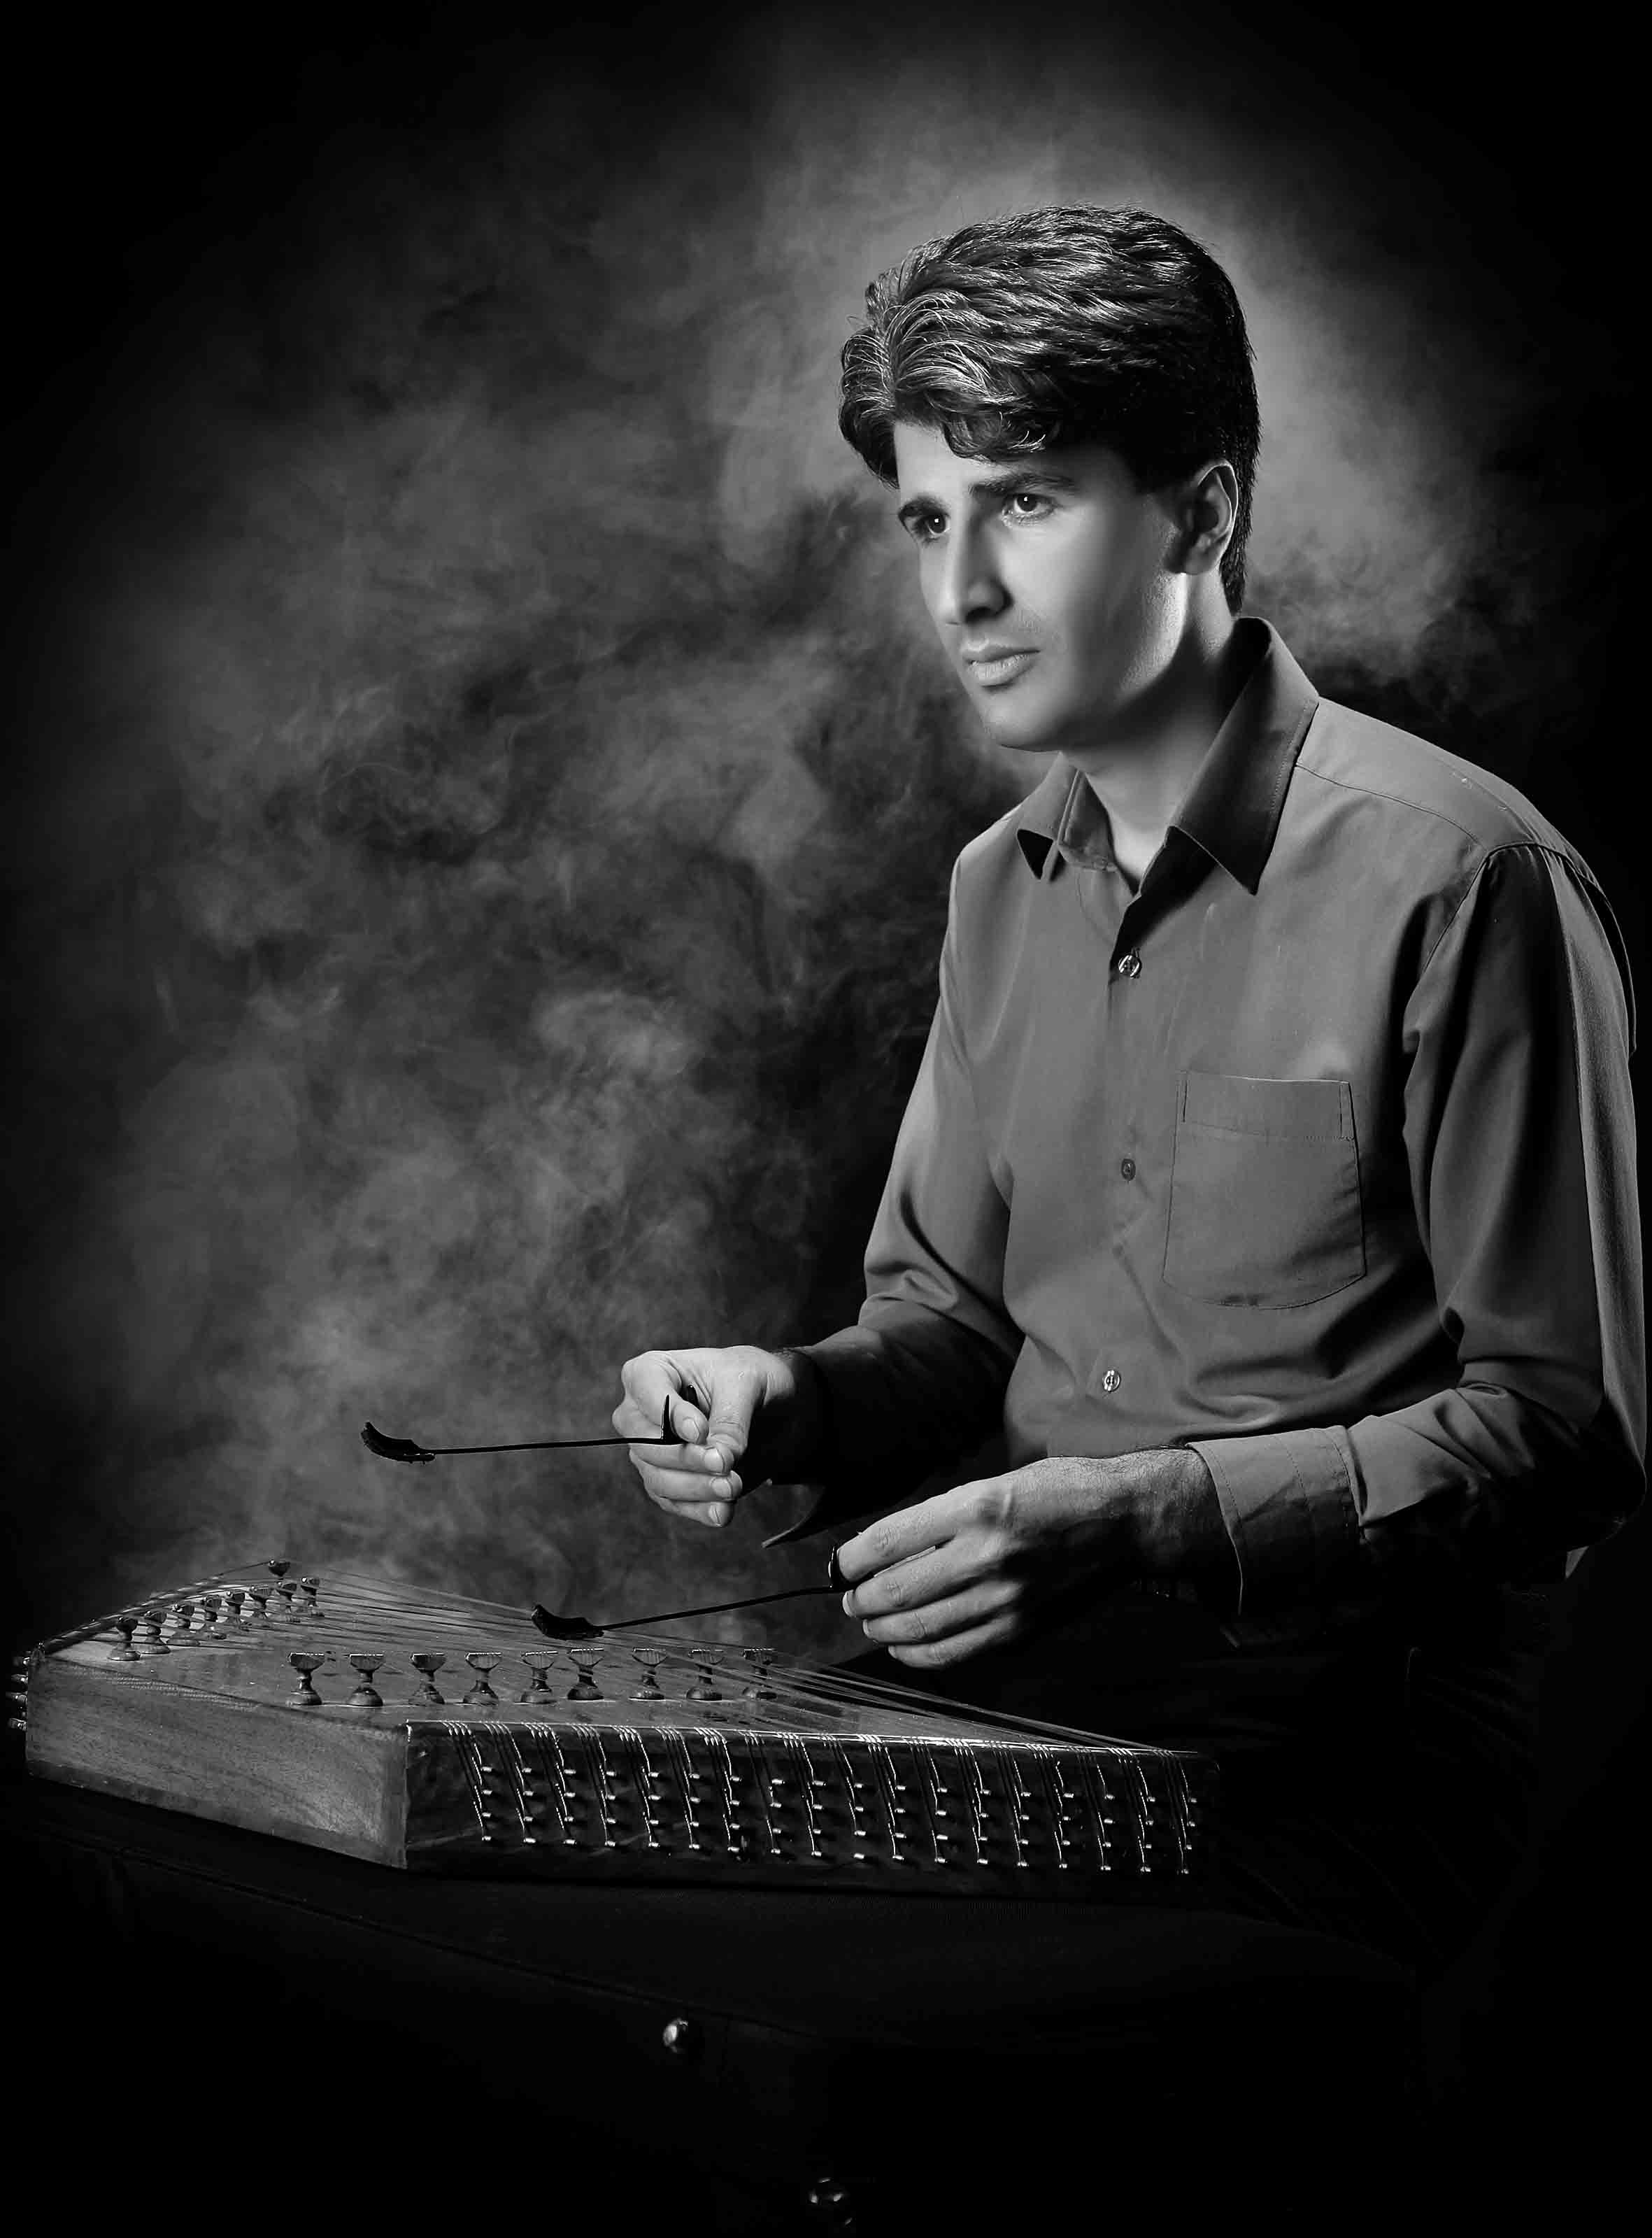 تصنیف کردی.اثر زنده یاد علی اصغر کردستانی.سنتور محسن غلامی